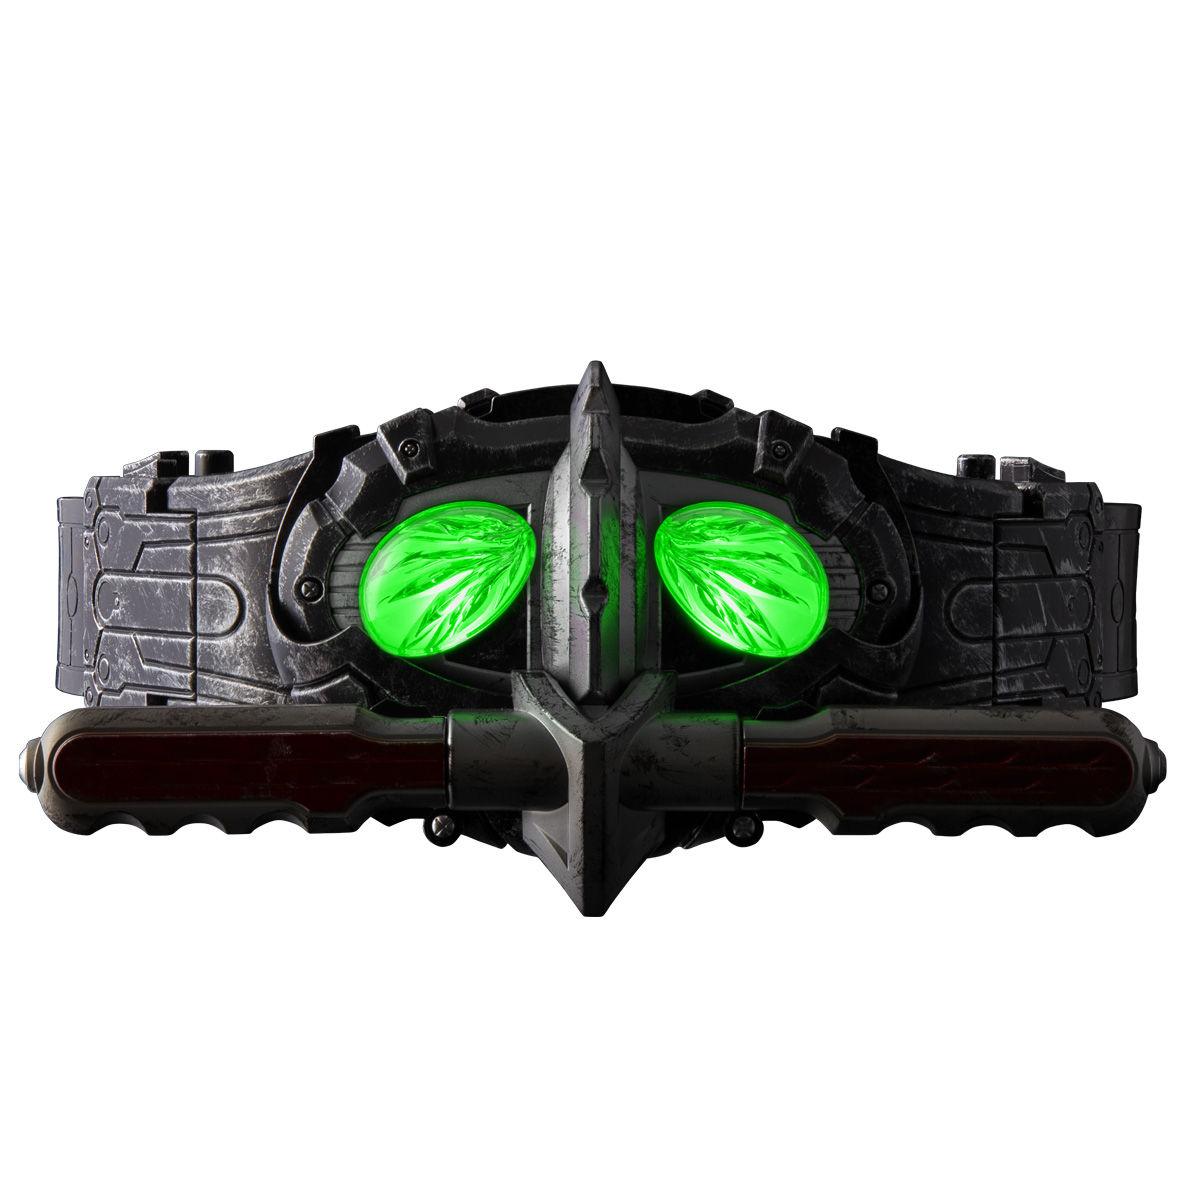 【限定販売】CSM『アマゾンズドライバーver.アルファ』仮面ライダーアマゾンズ 変身なりきり-004